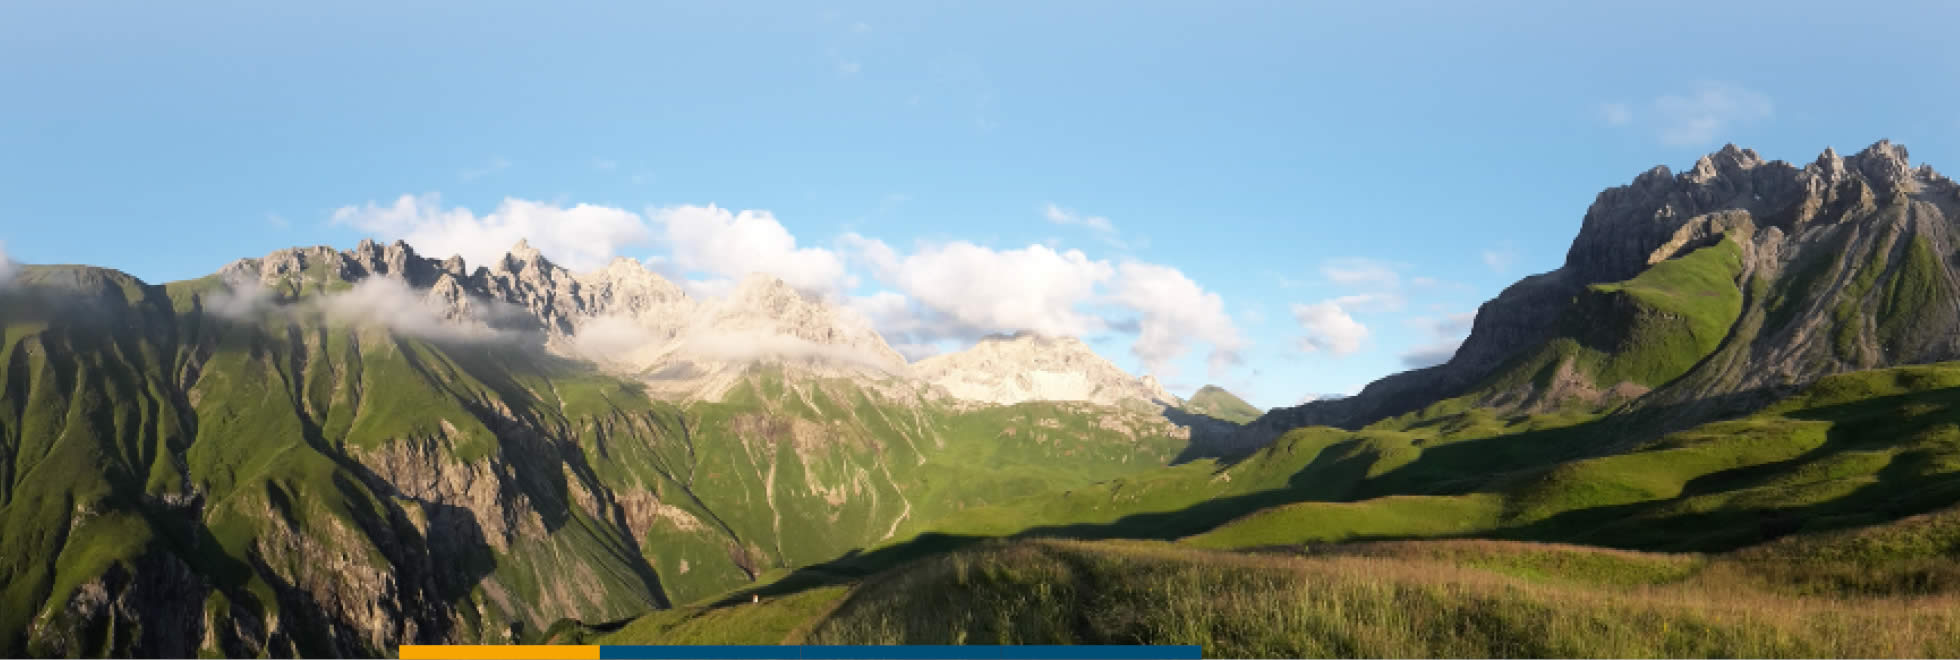 Algäuer Alpen im Sommer